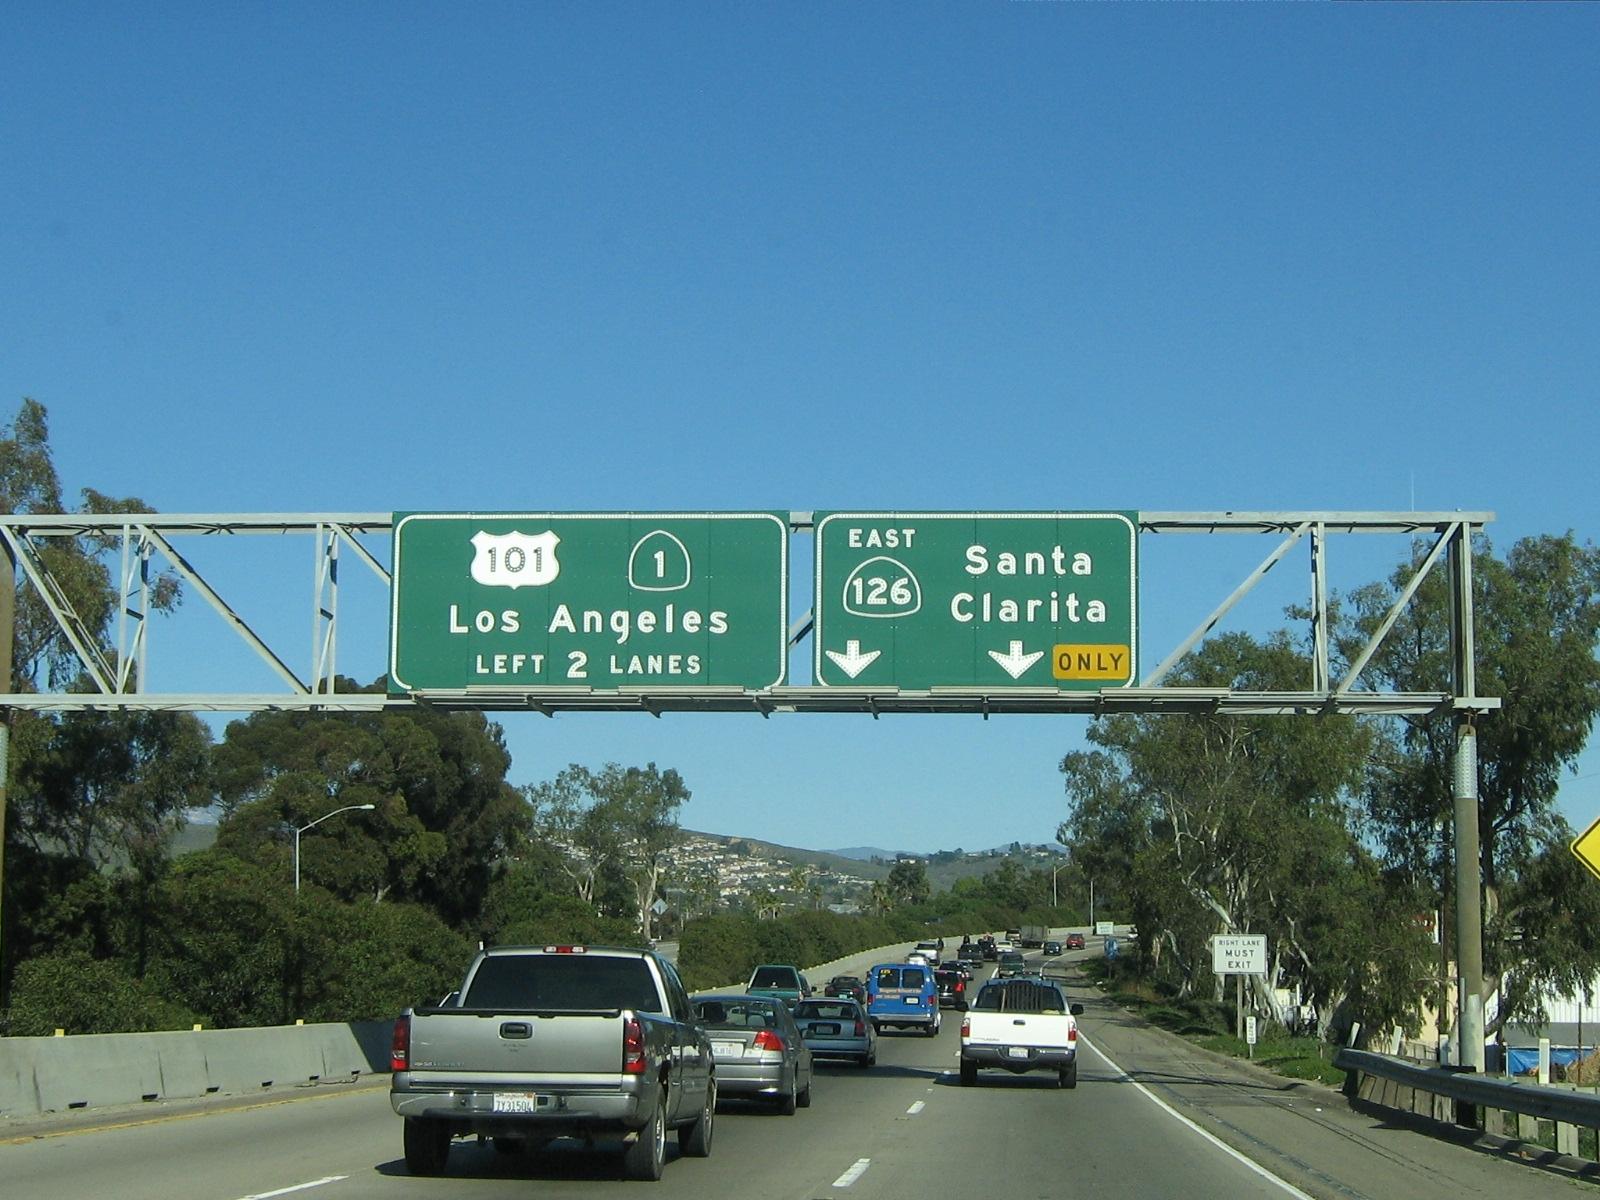 Merging Onto Highway 126 East Towards Santa Clarita 080119_17_hwy_126_east_1